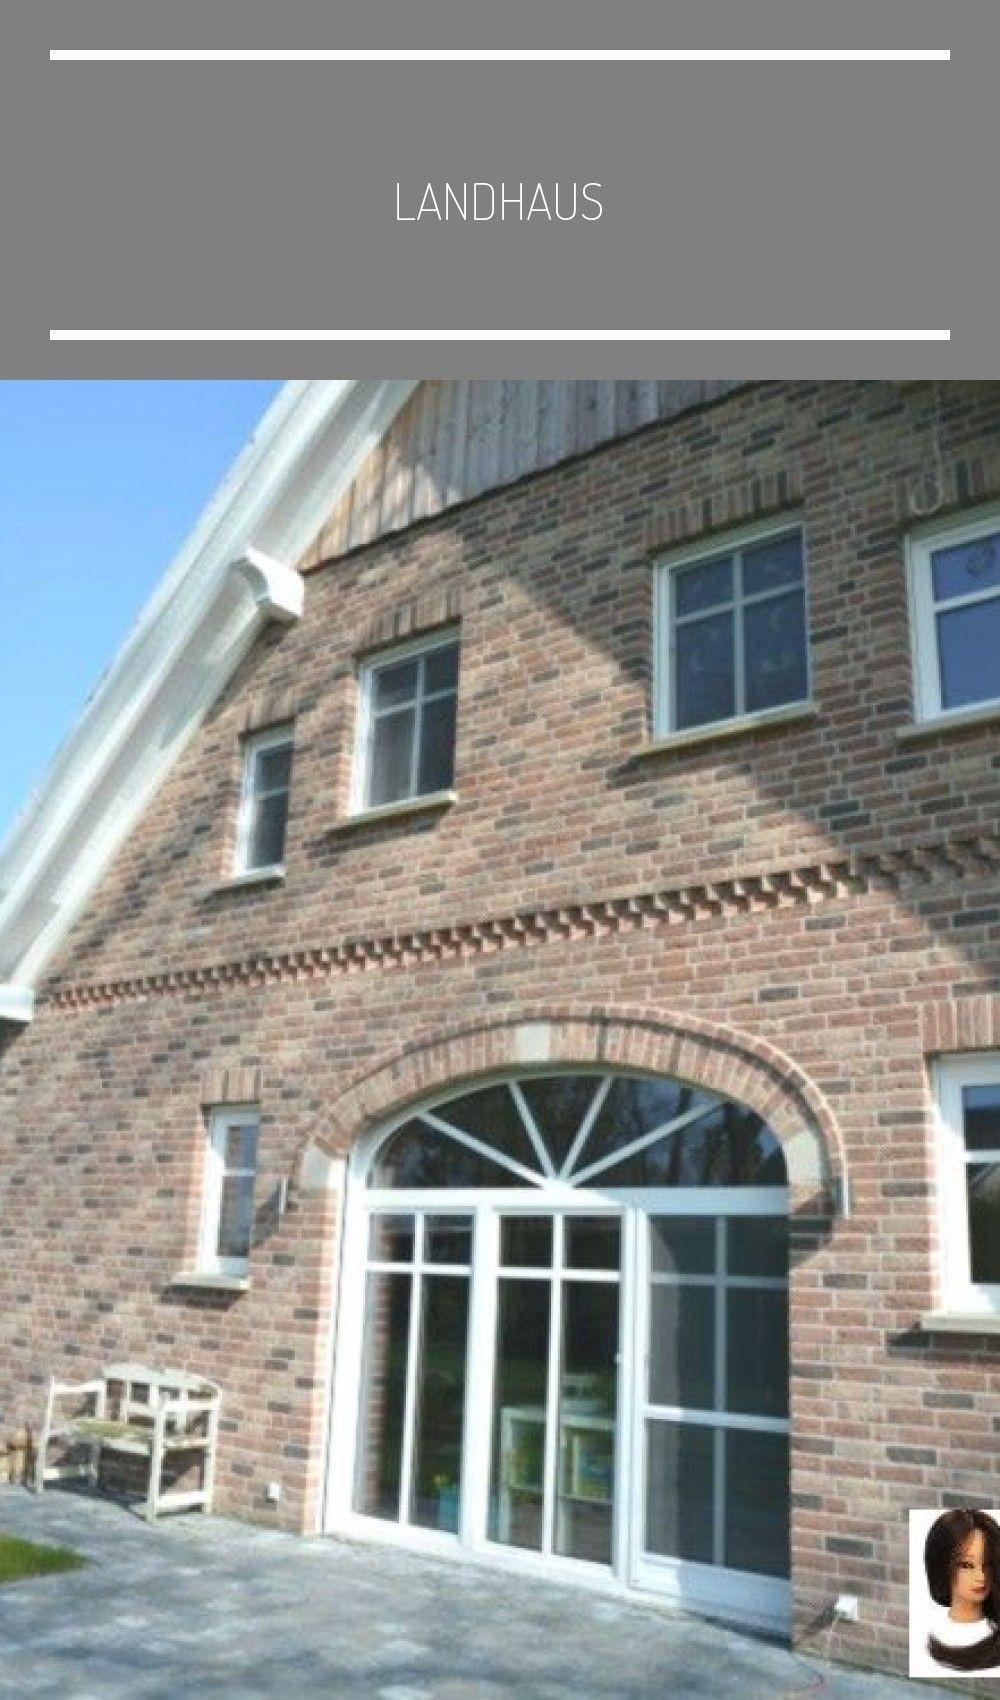 #Landhaus Landhaus Landhaus #haus Deko Eingangsbereich außerhalb des Landhauses - ...